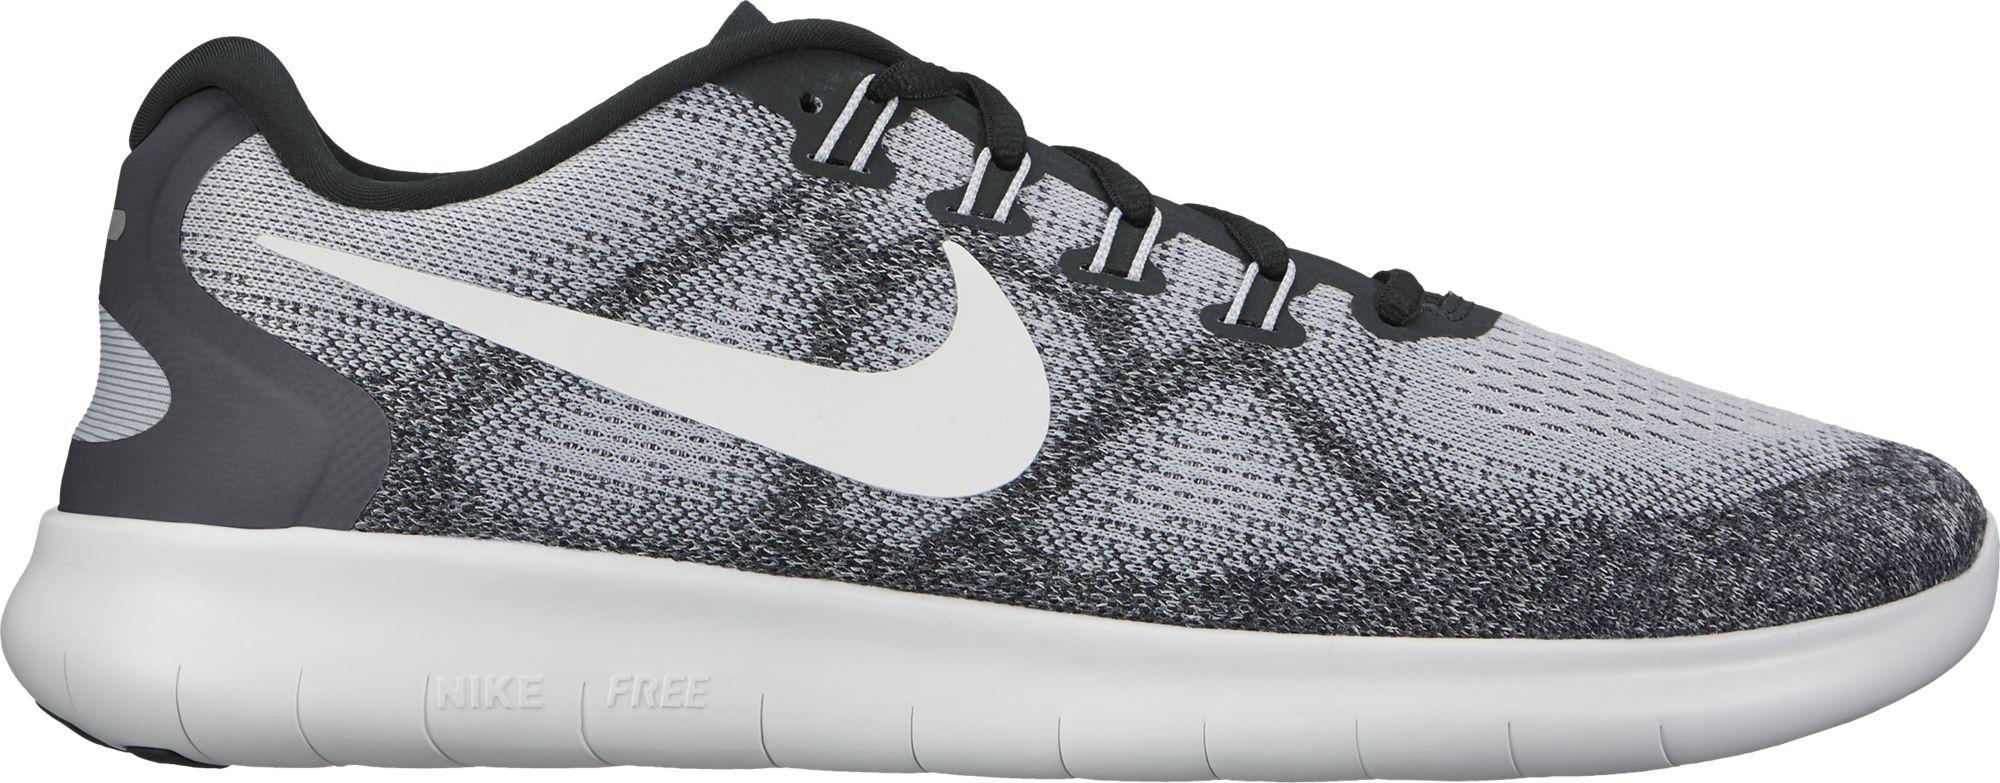 Nike Free RN 2 in Grau